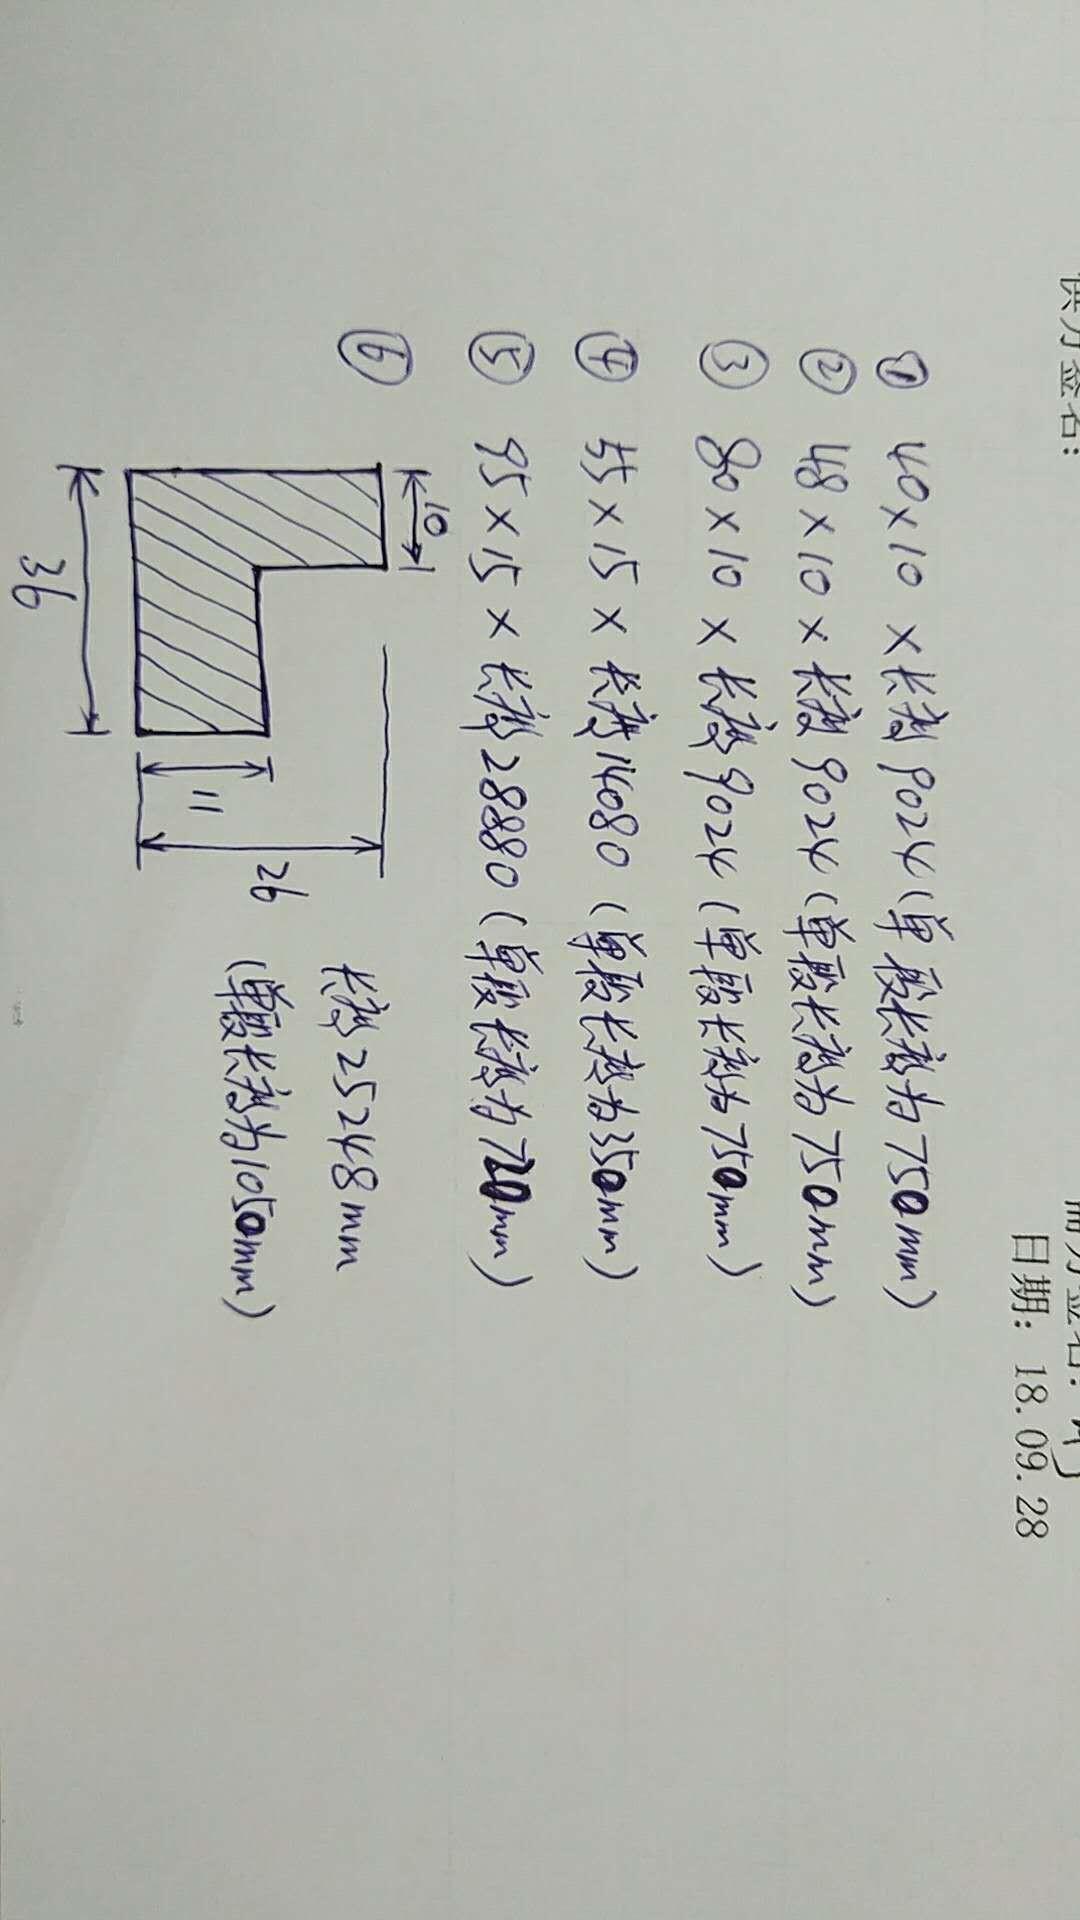 采购黄铜板,含量57左右,规格如图,联系电话16602122939(微信同号)